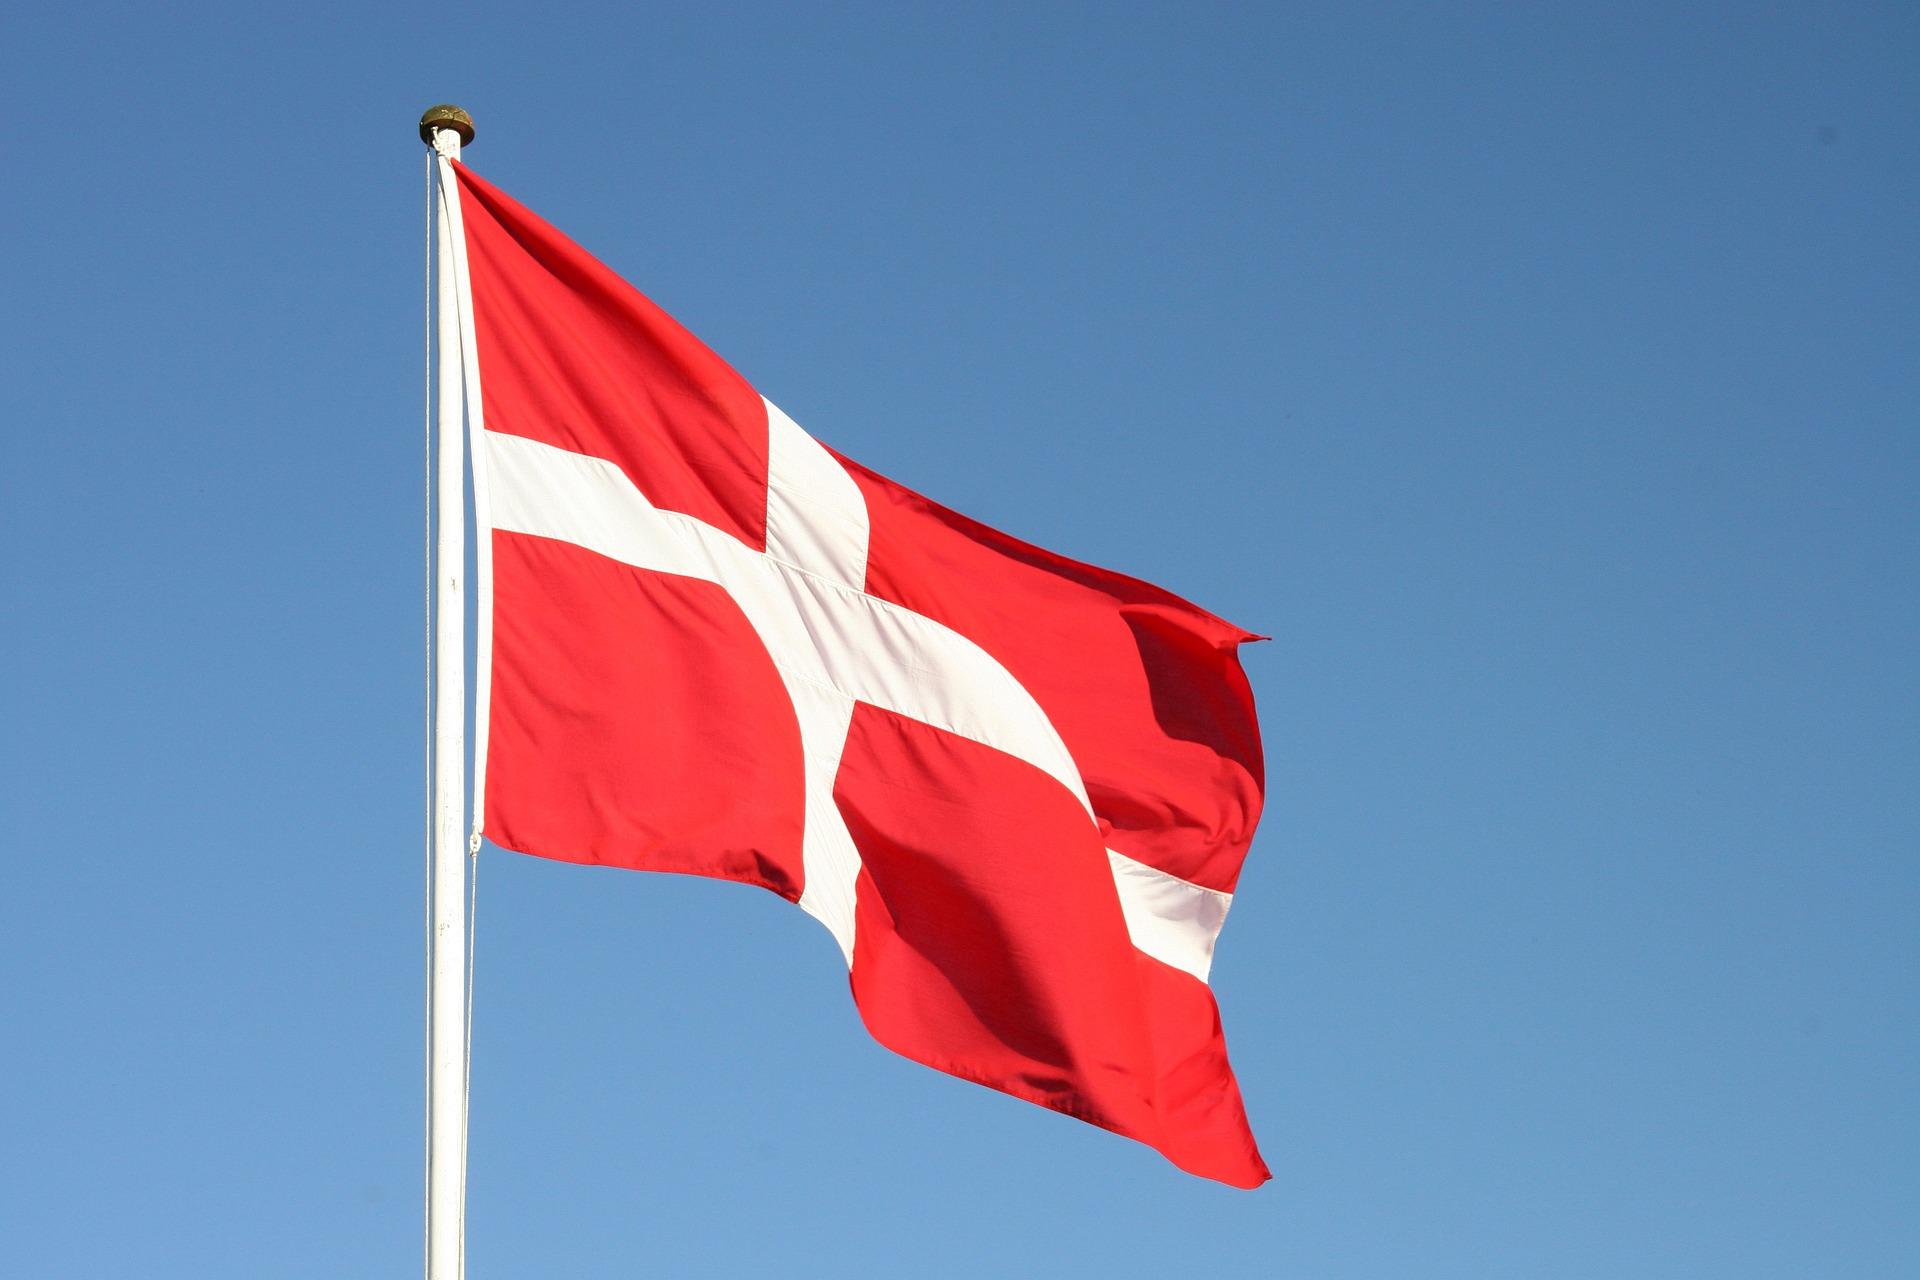 Godt udvalg af bordflag og træflagstænger på www.langkilde-flagfabrik.dk